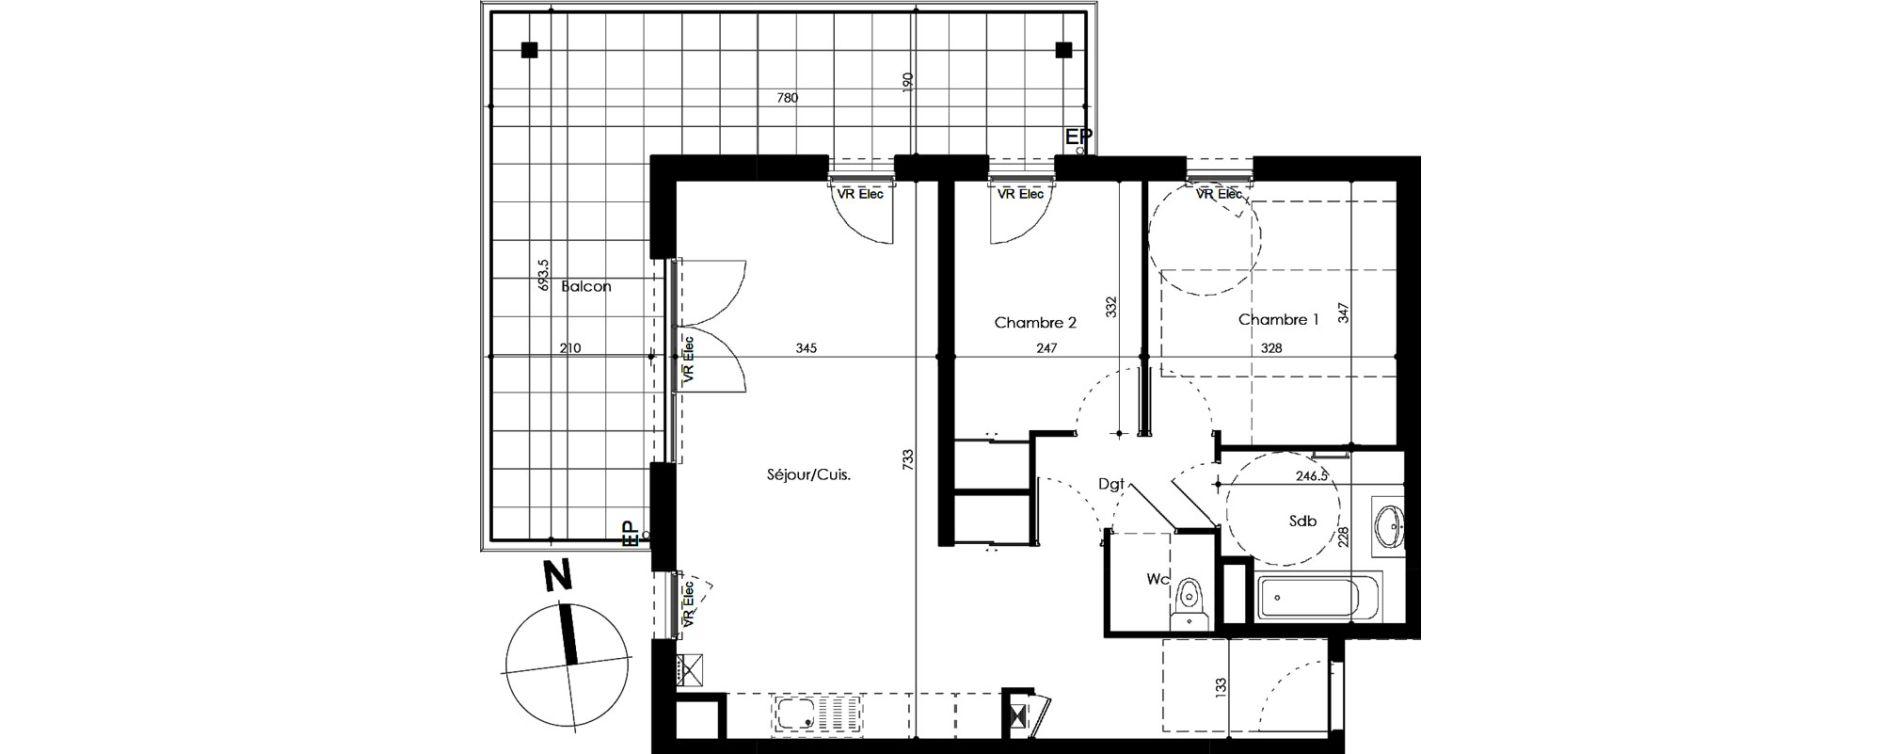 Appartement T3 de 64,82 m2 Crozet Centre